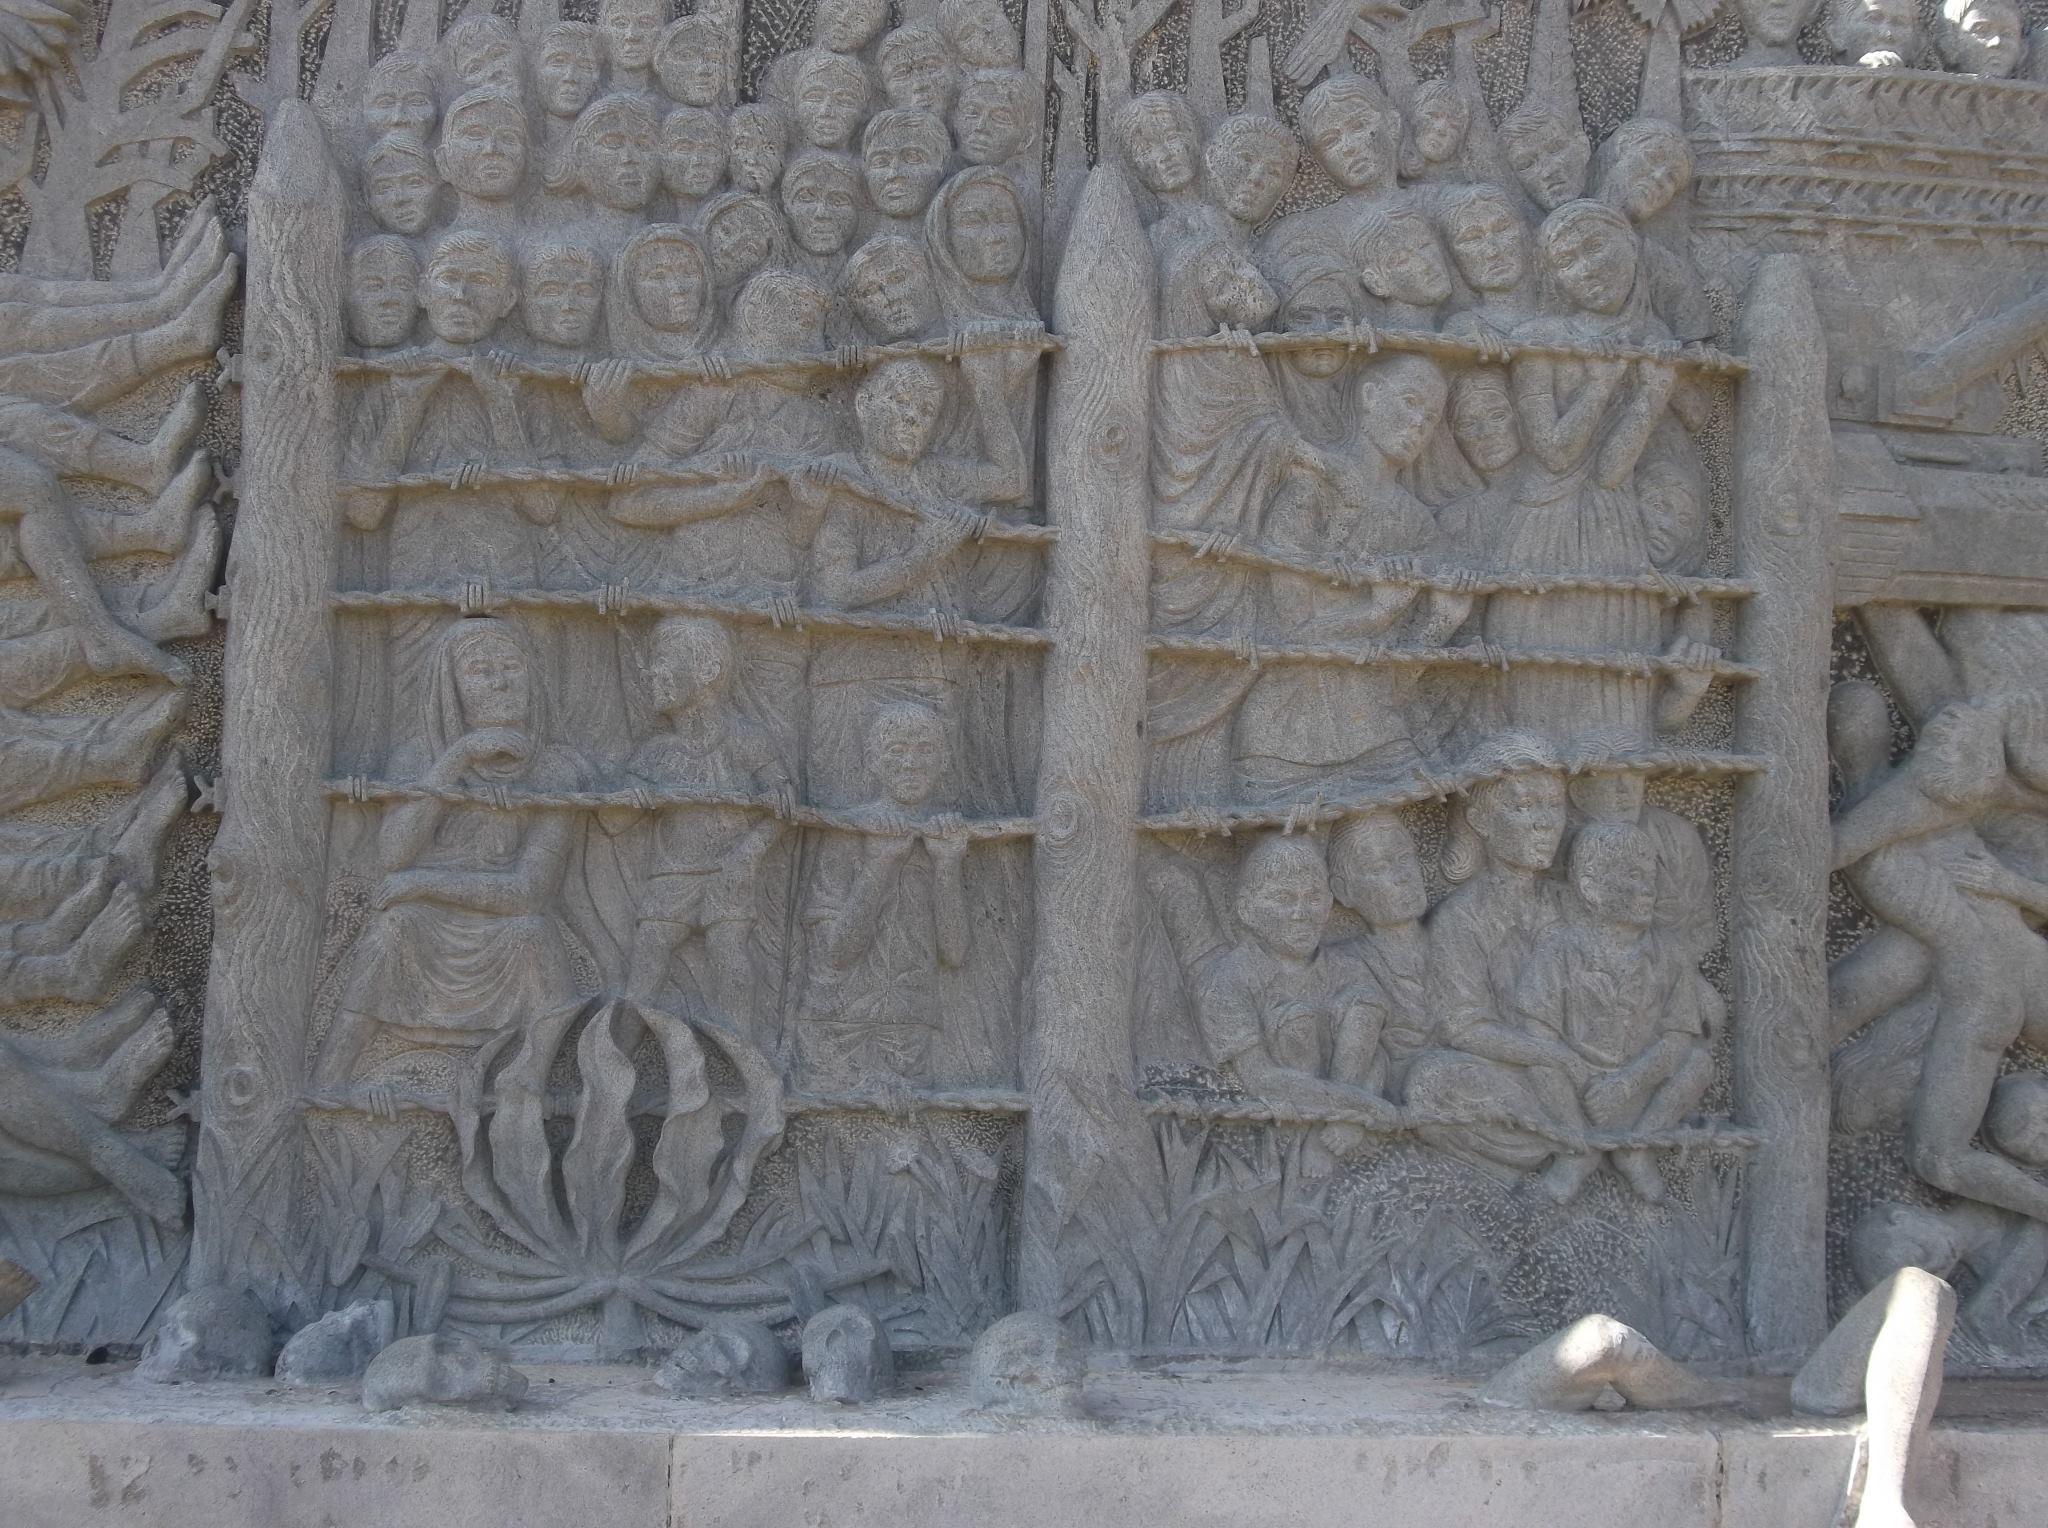 முள்ளிவாய்க்கால் நினைவு முற்றத் திறப்பு விழா நவம்பர் 9, 10, 11 ஆகிய நாட்களில் நடைபெறும்! mullivaikkal d